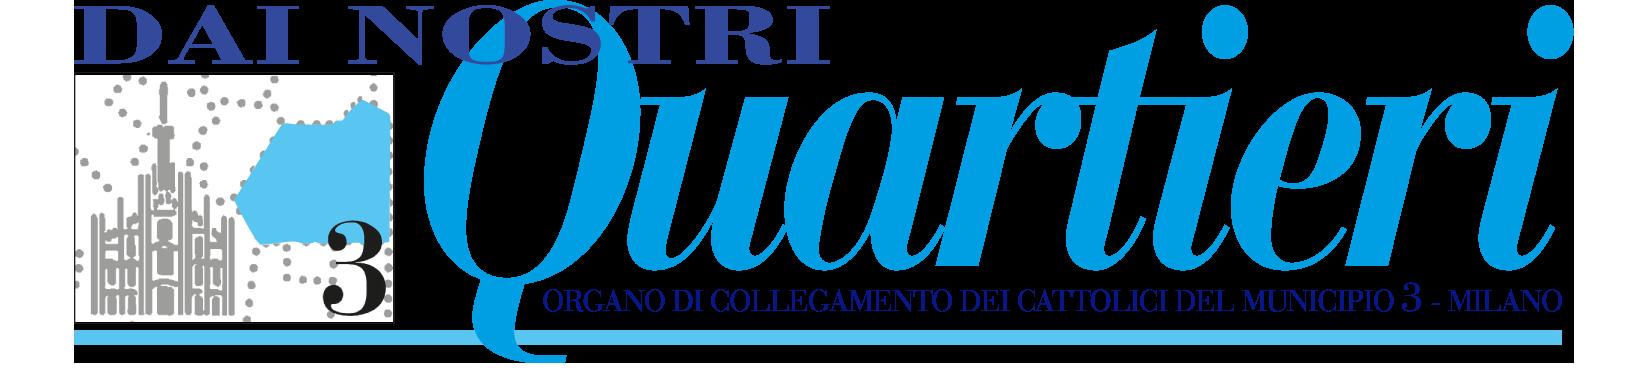 DAI NOSTRI QUARTIERI - Organo di collegamento del Municipio 3 di Milano